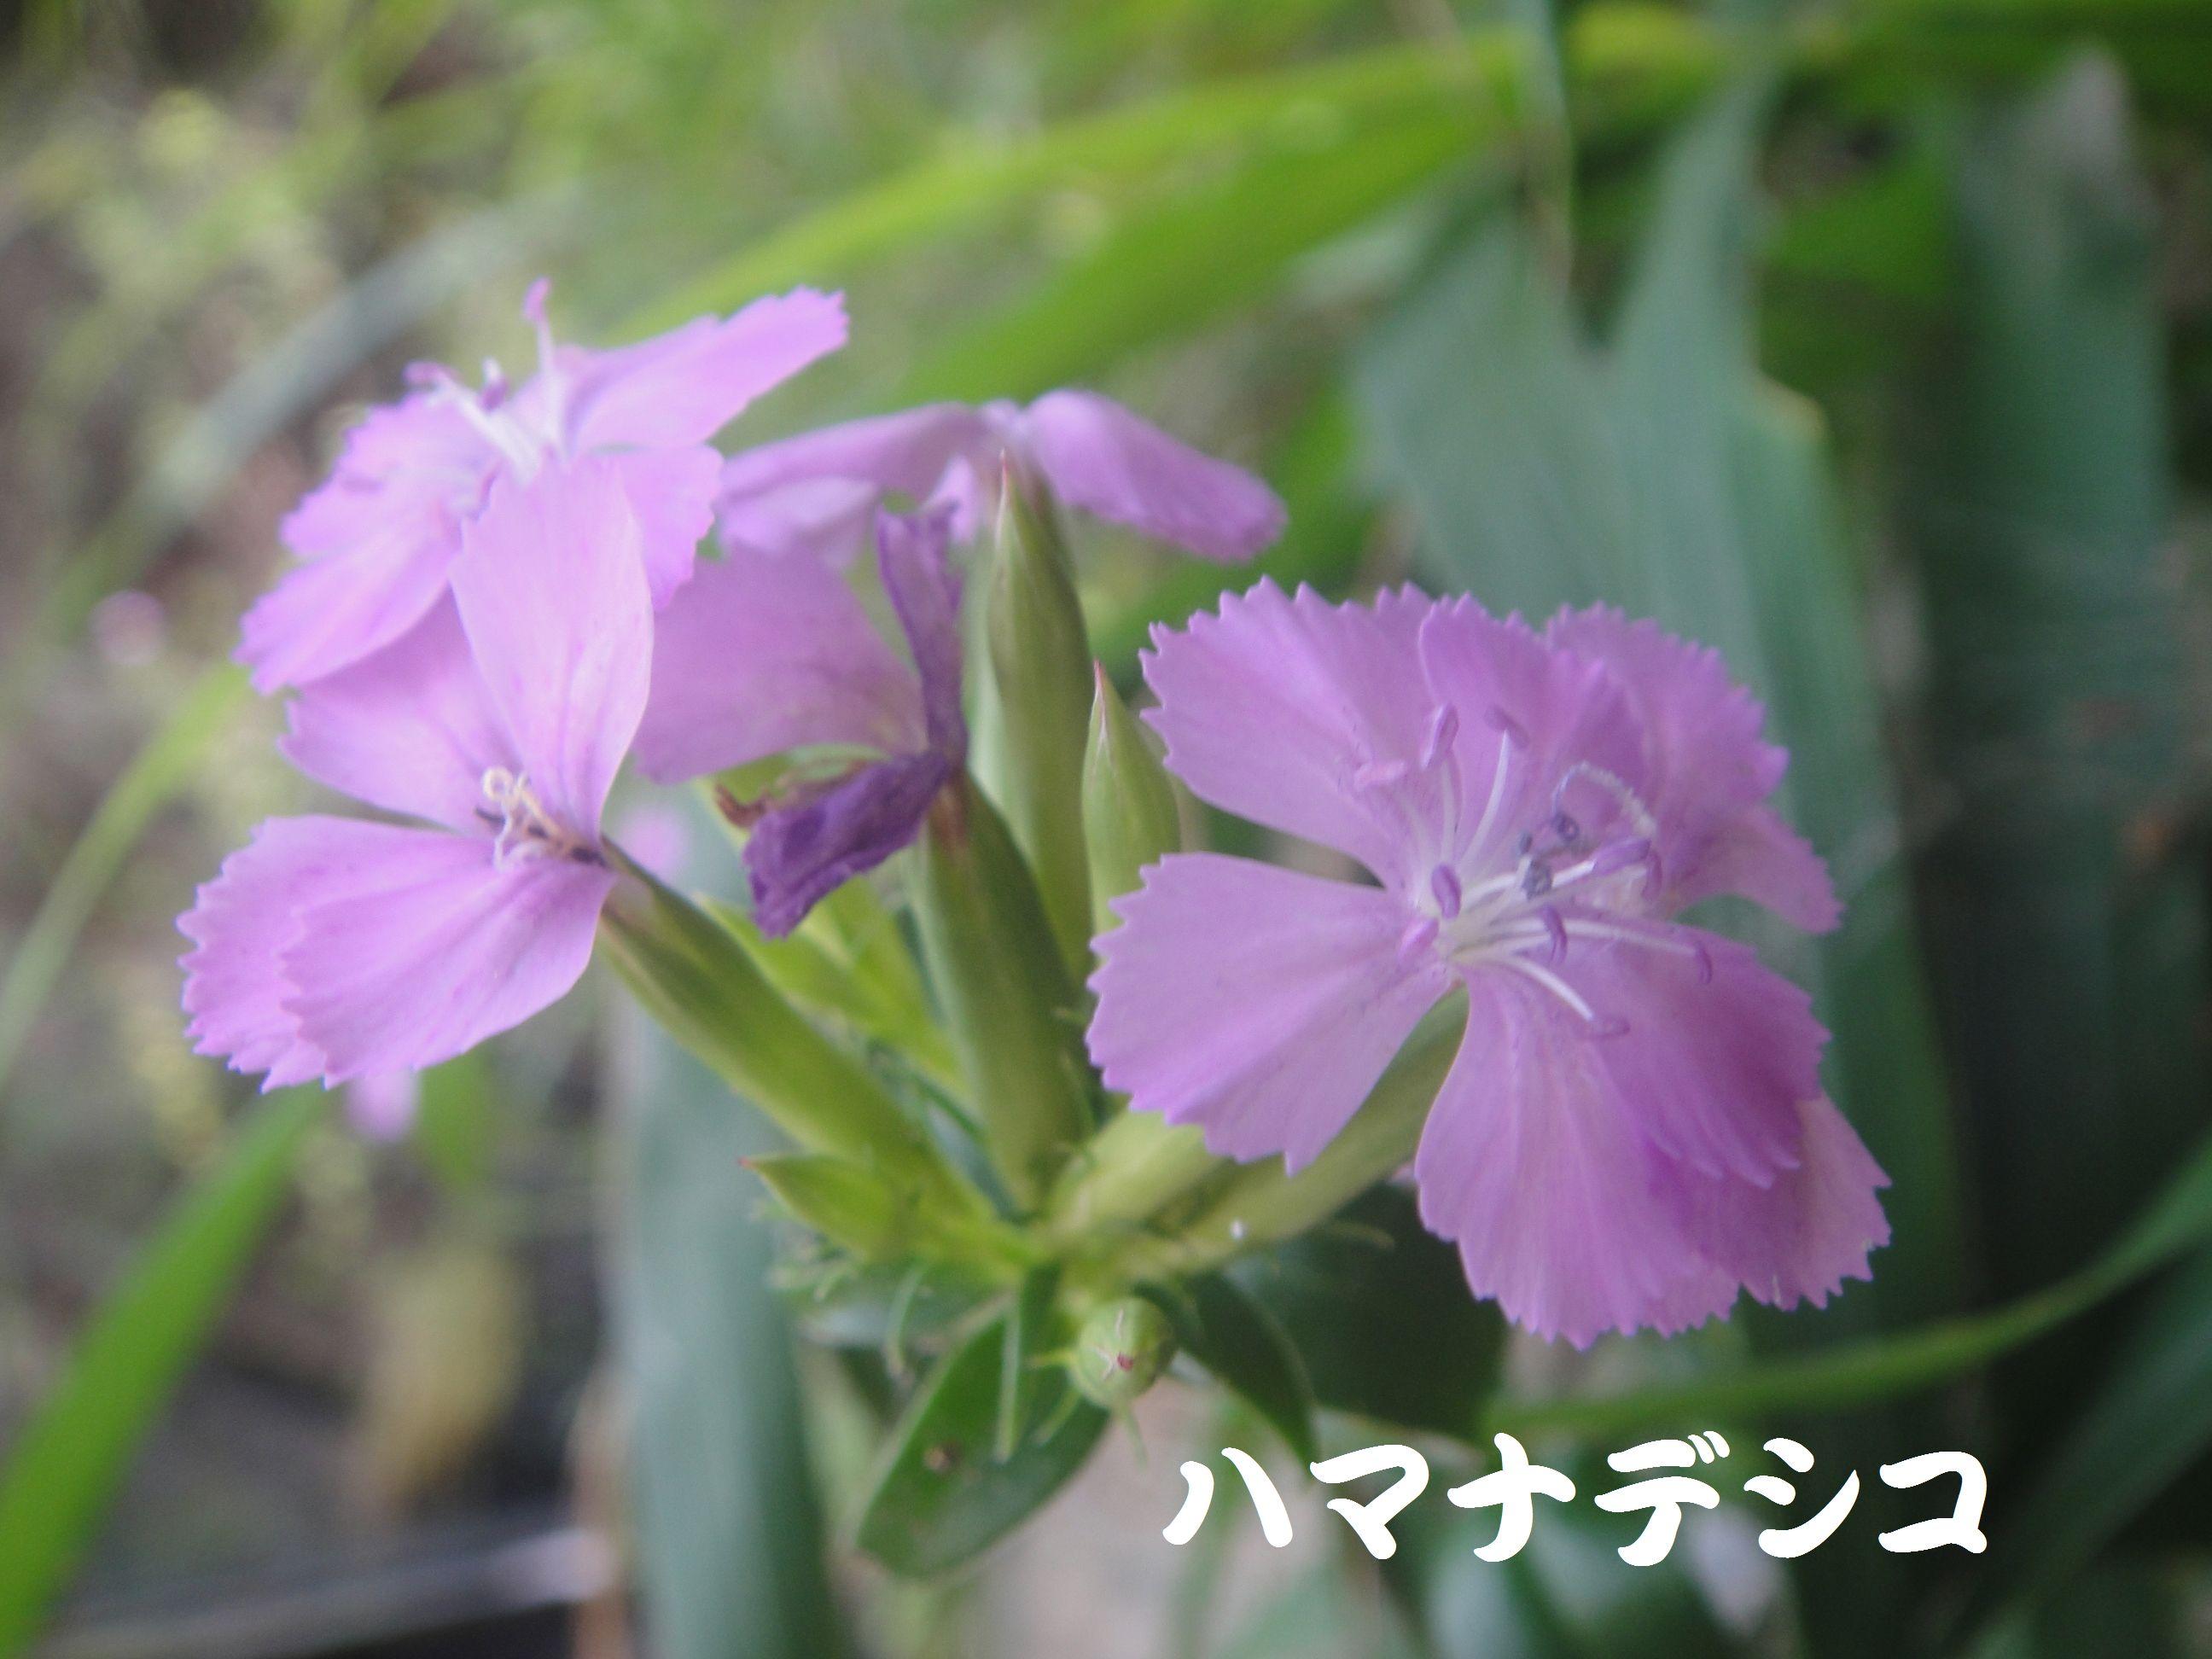 トンボソウとコクランに出会えました in うみべの森を育てる会植物観察     by     (TATE-misaki)_c0108460_17394776.jpg